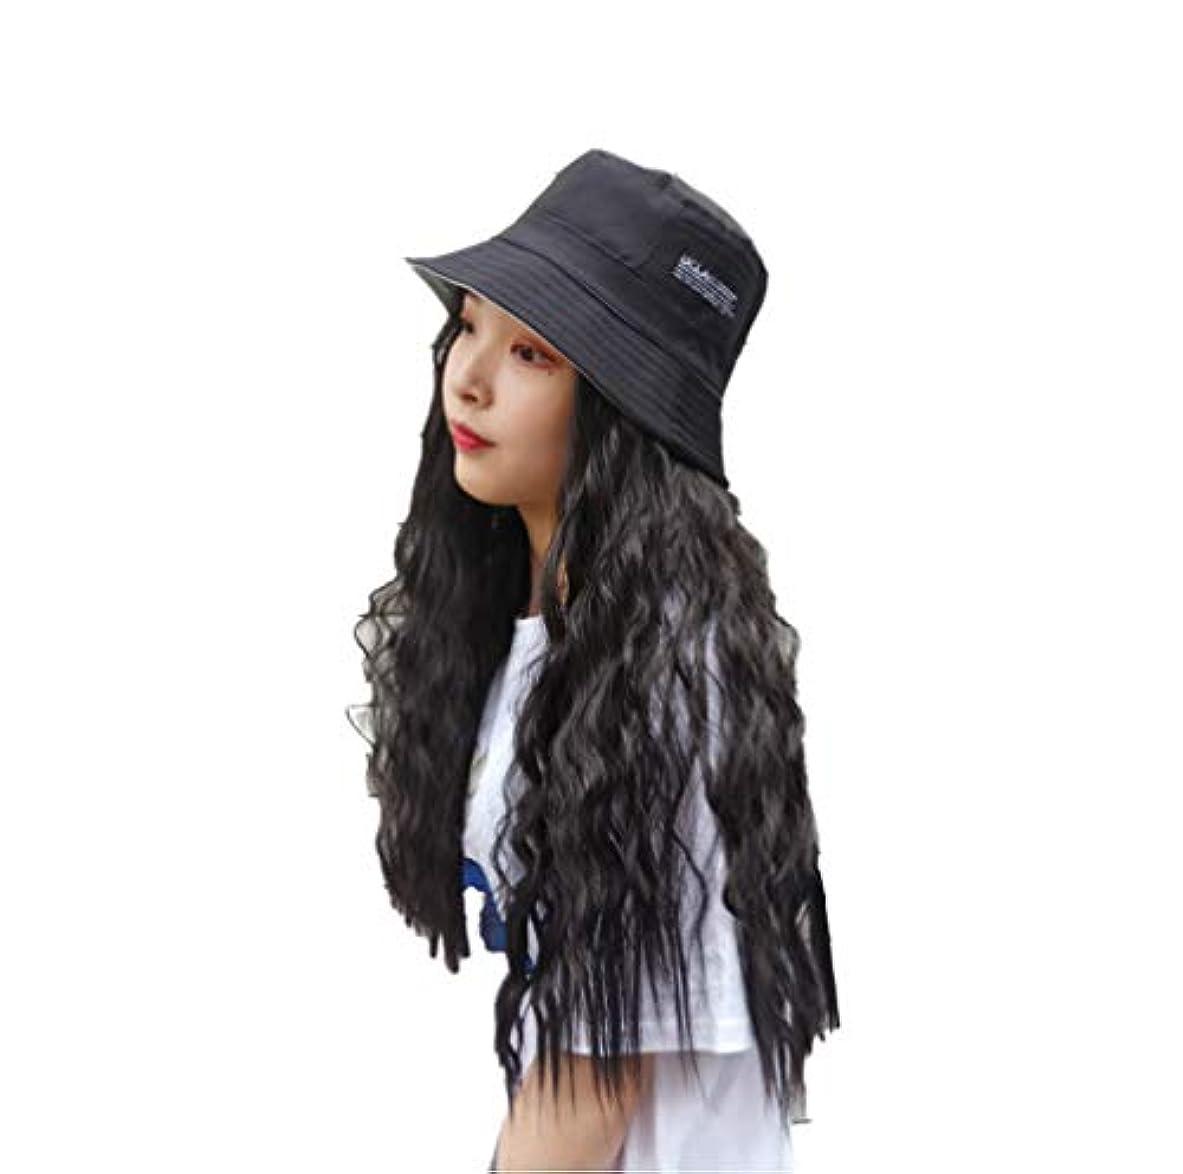 申し立てられたサイズ絵女性野球キャップヘアエクステンションコーンウェーブヘアエクステンション付きブラックハット付き天然人工毛日常用65cm